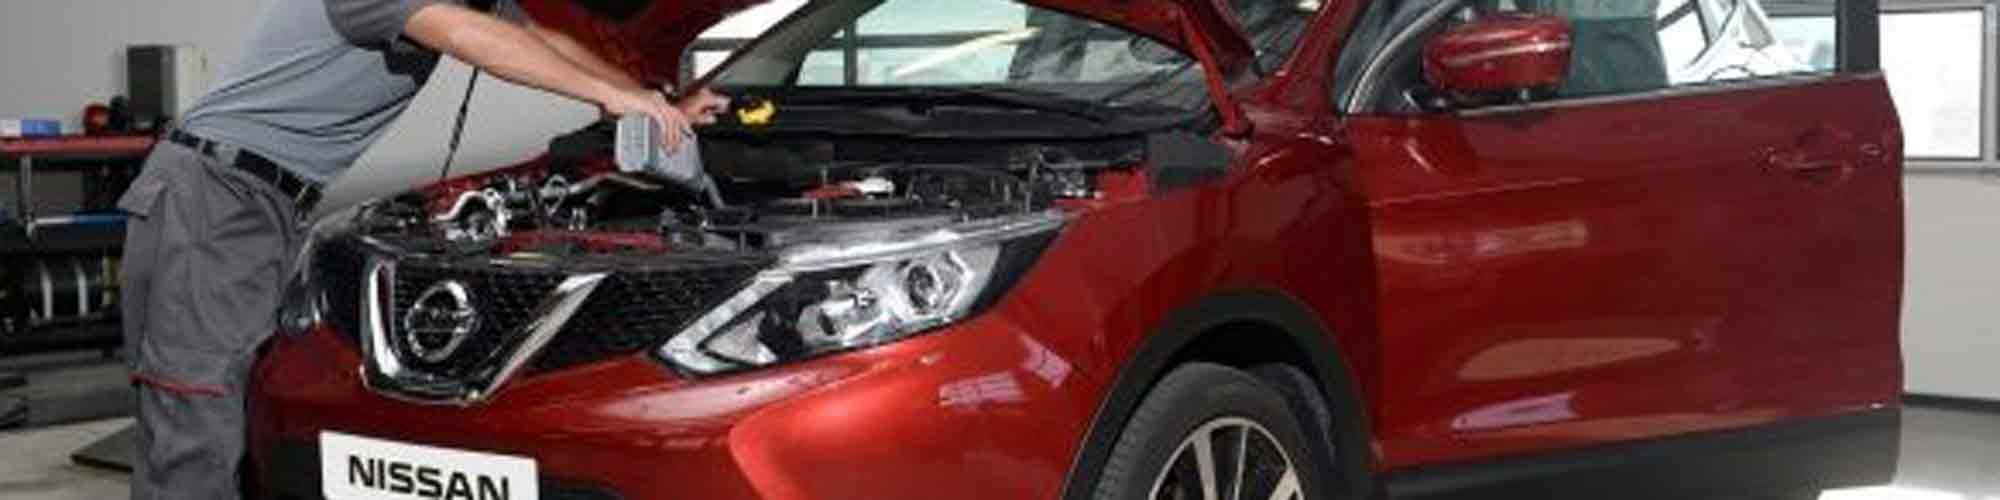 Meisterwerkstatt Nissan Servicepartner